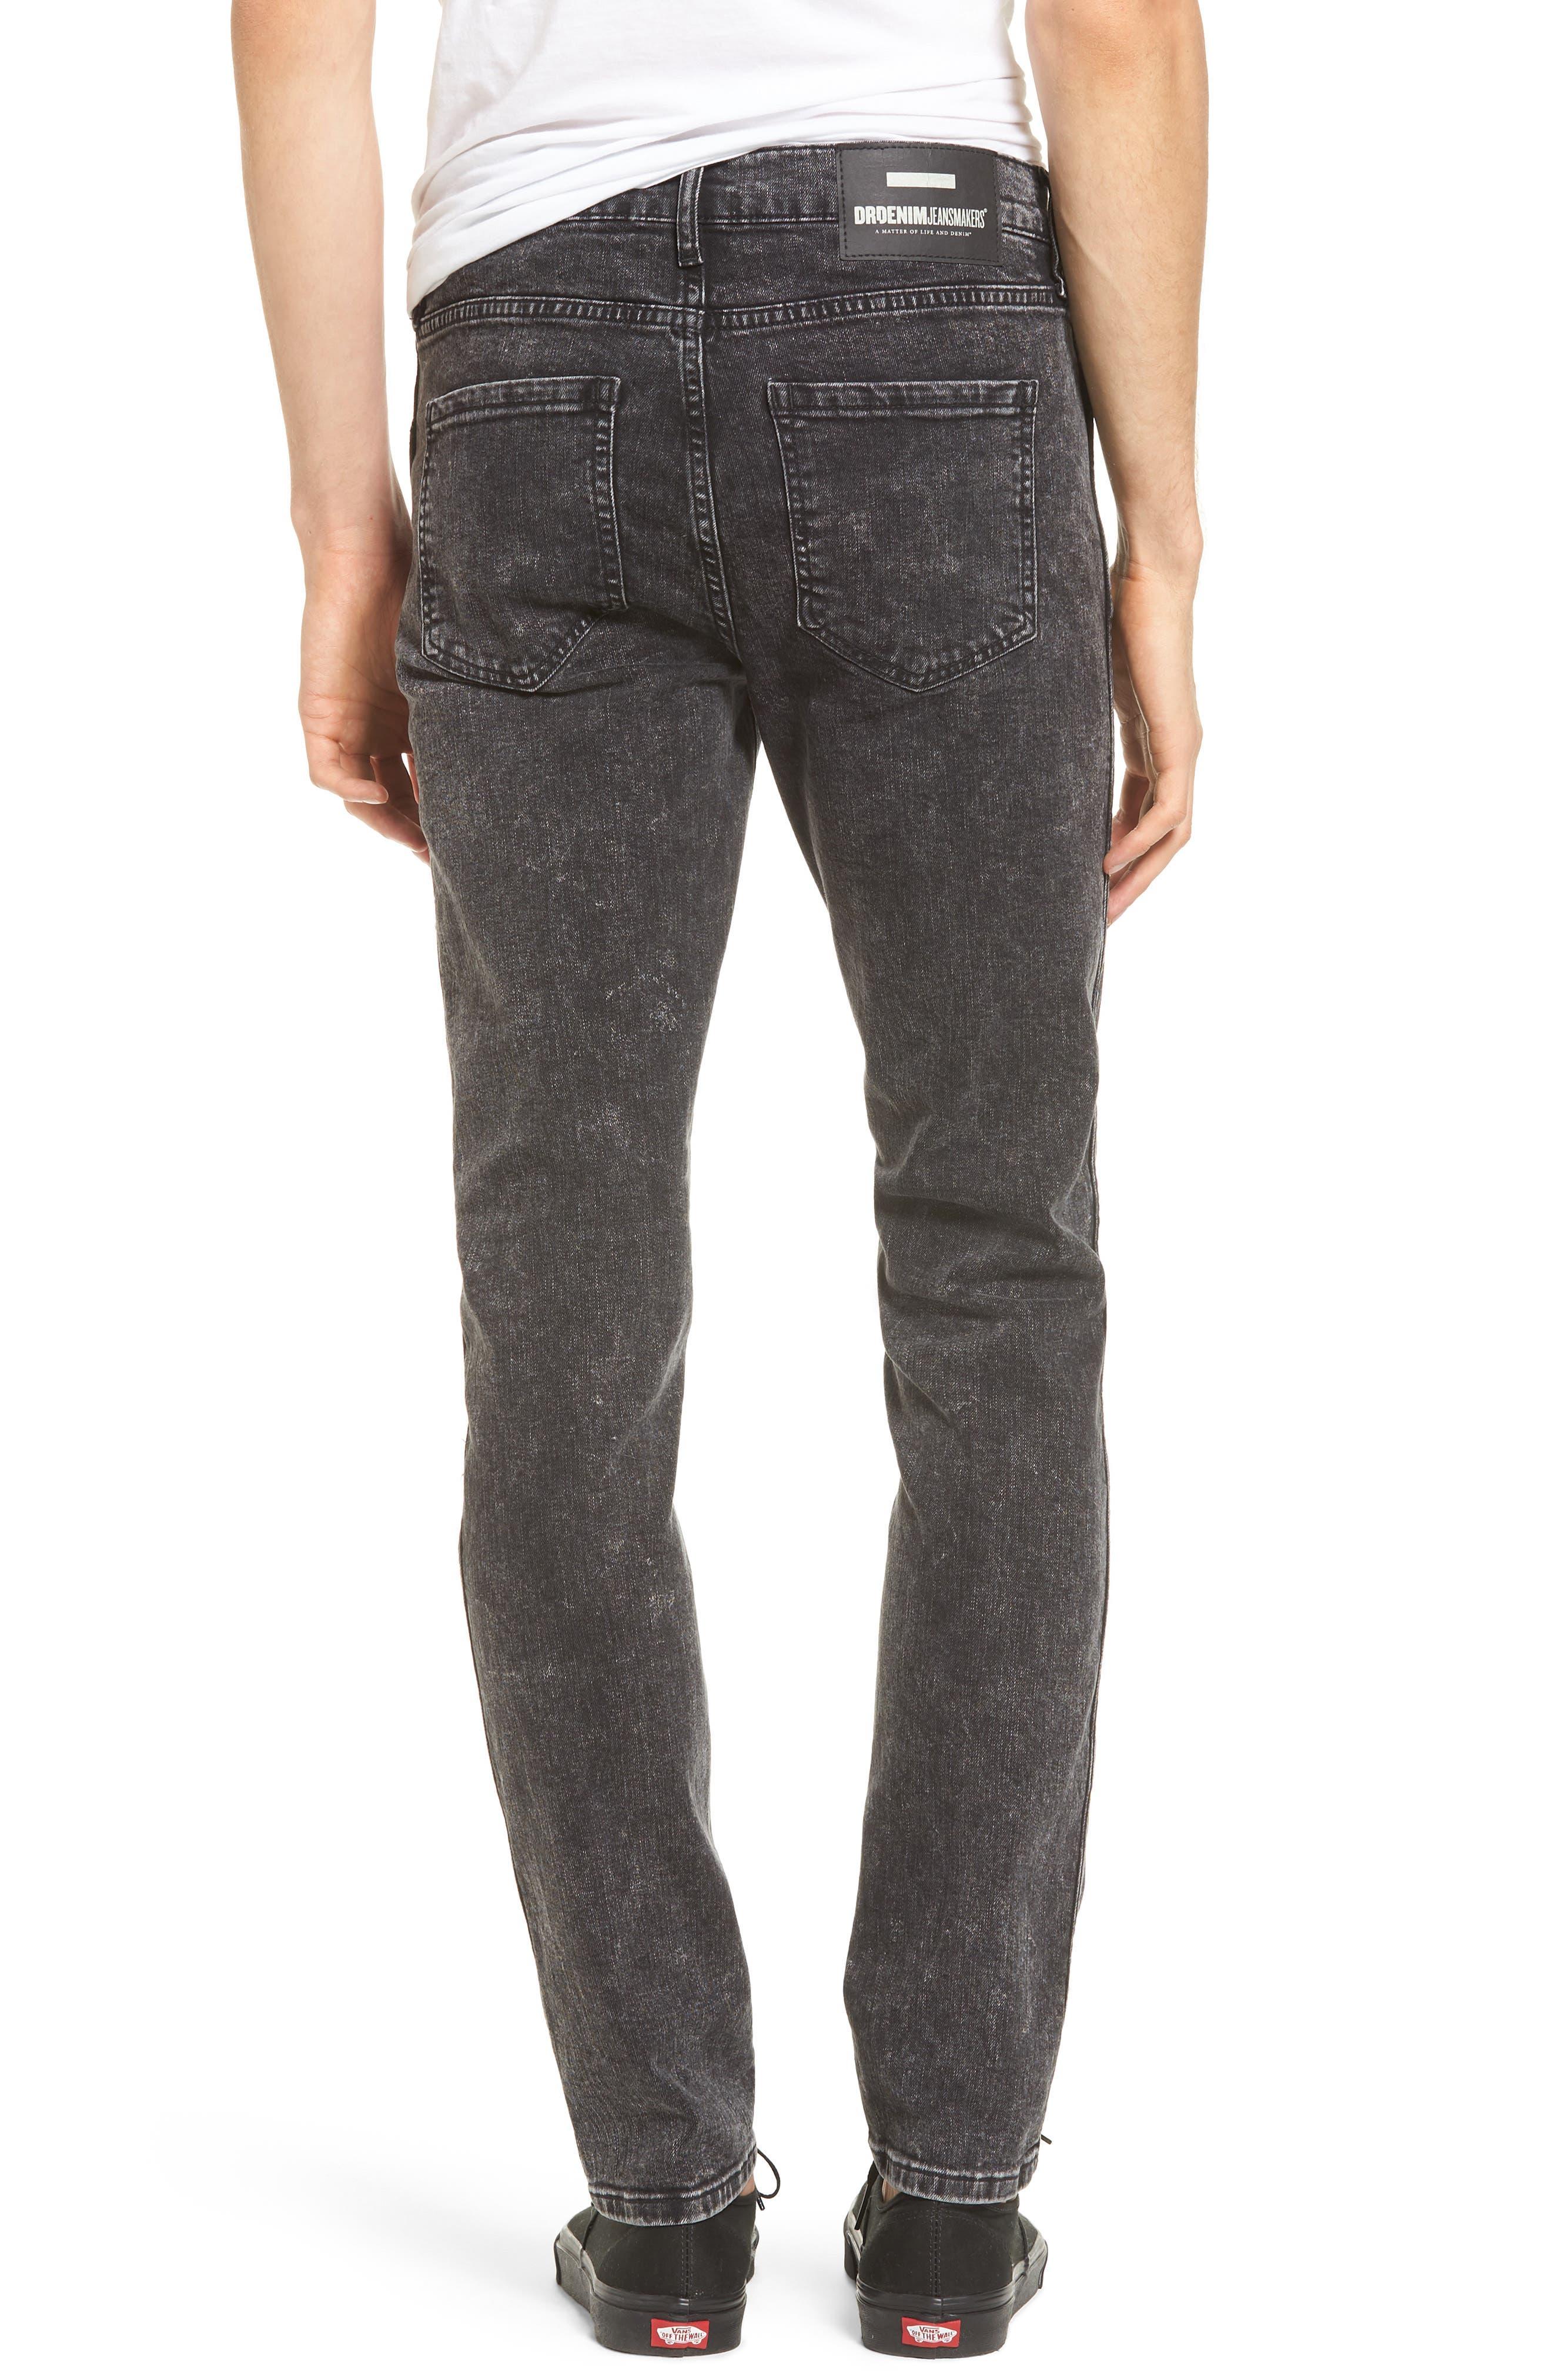 Alternate Image 2  - Dr. Denim Supply Co. Snap Skinny Fit Jeans (Acid Black)